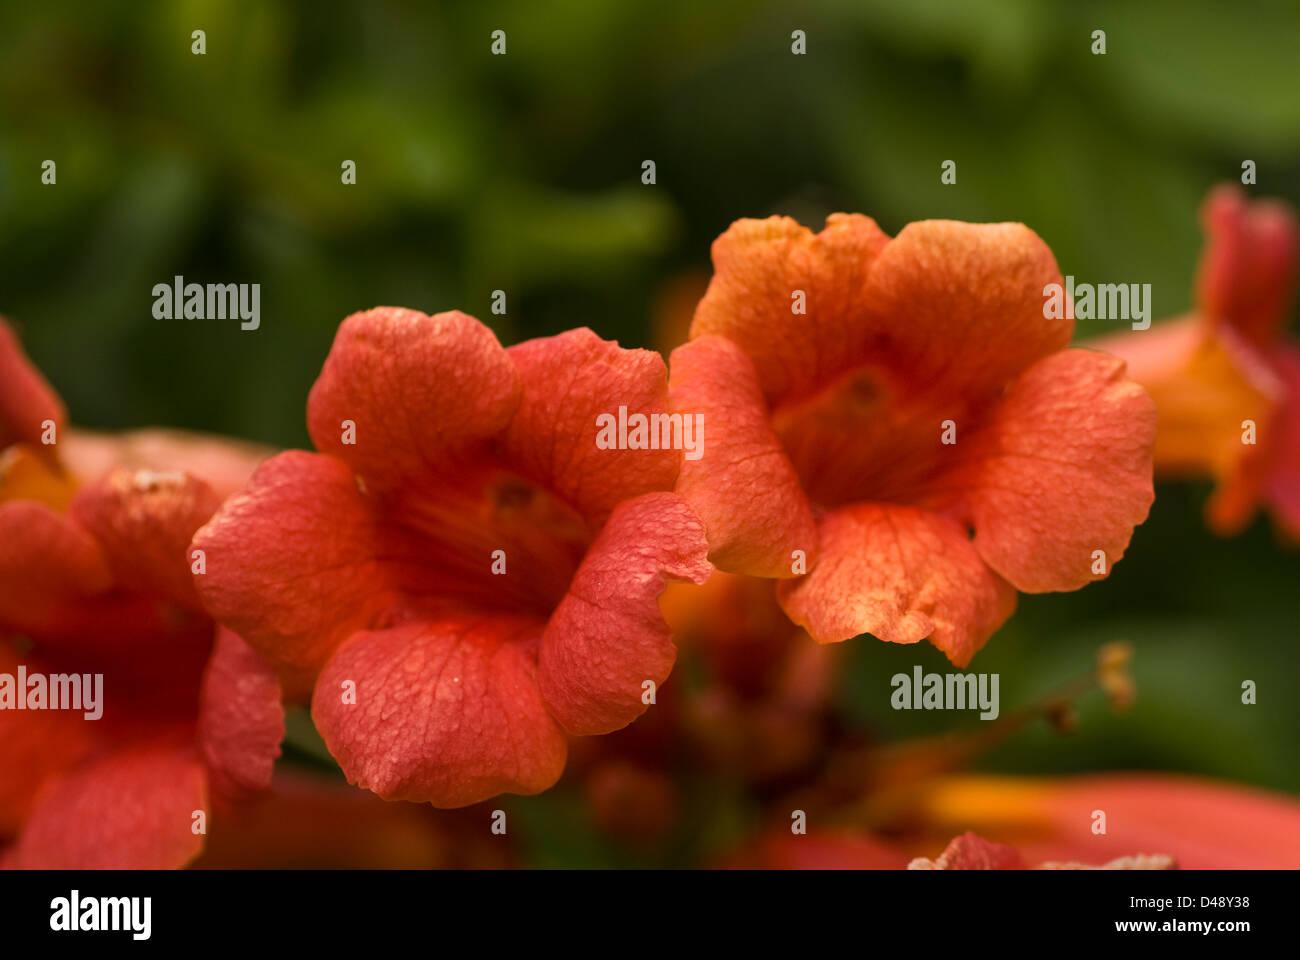 Trumpet Creeper Campsis radicans, bignonia, Bignoniaceae - Stock Image